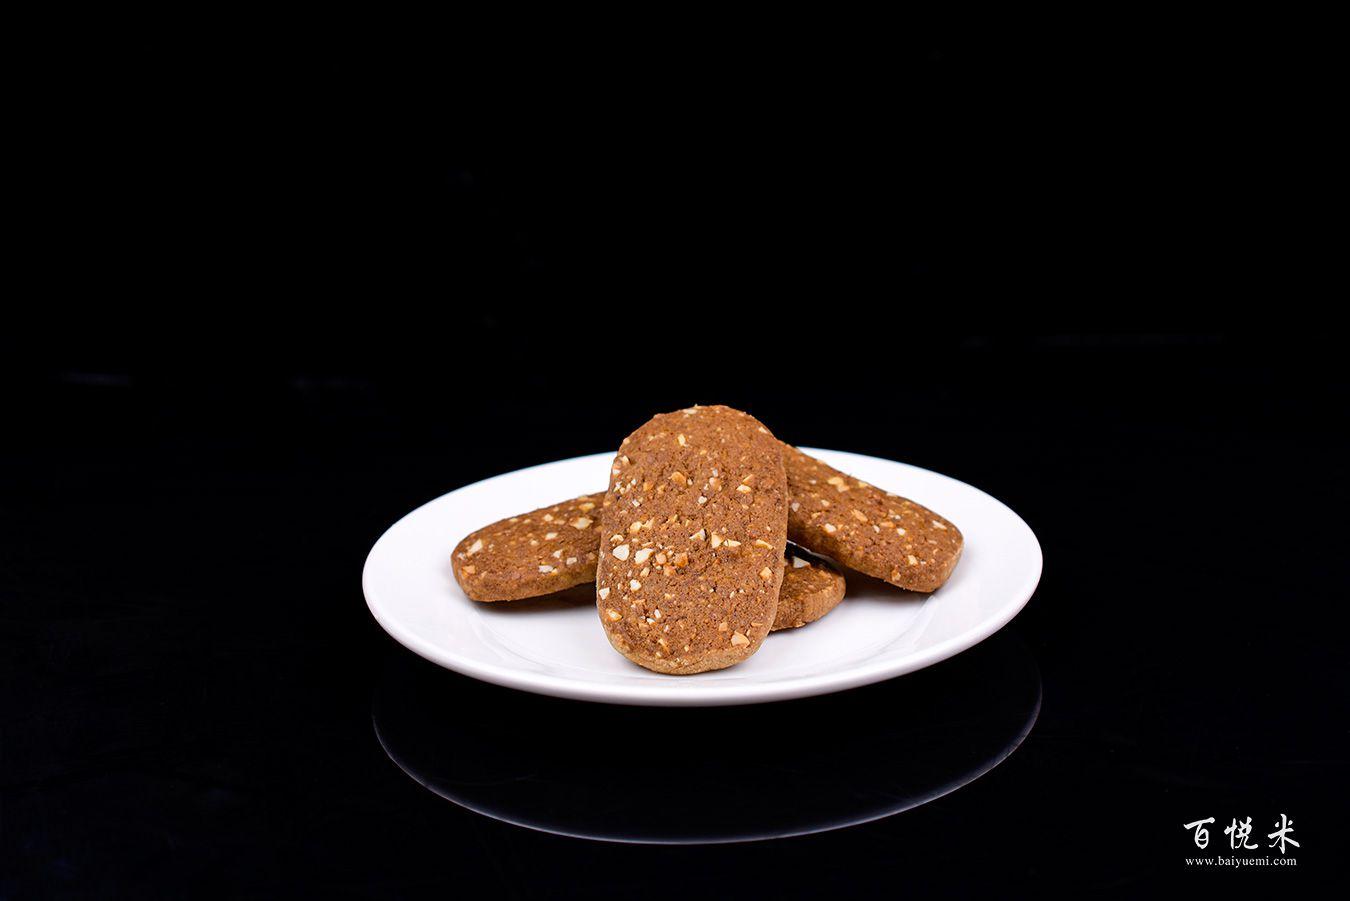 摩卡坚果饼干高清图片大全【蛋糕图片】_350